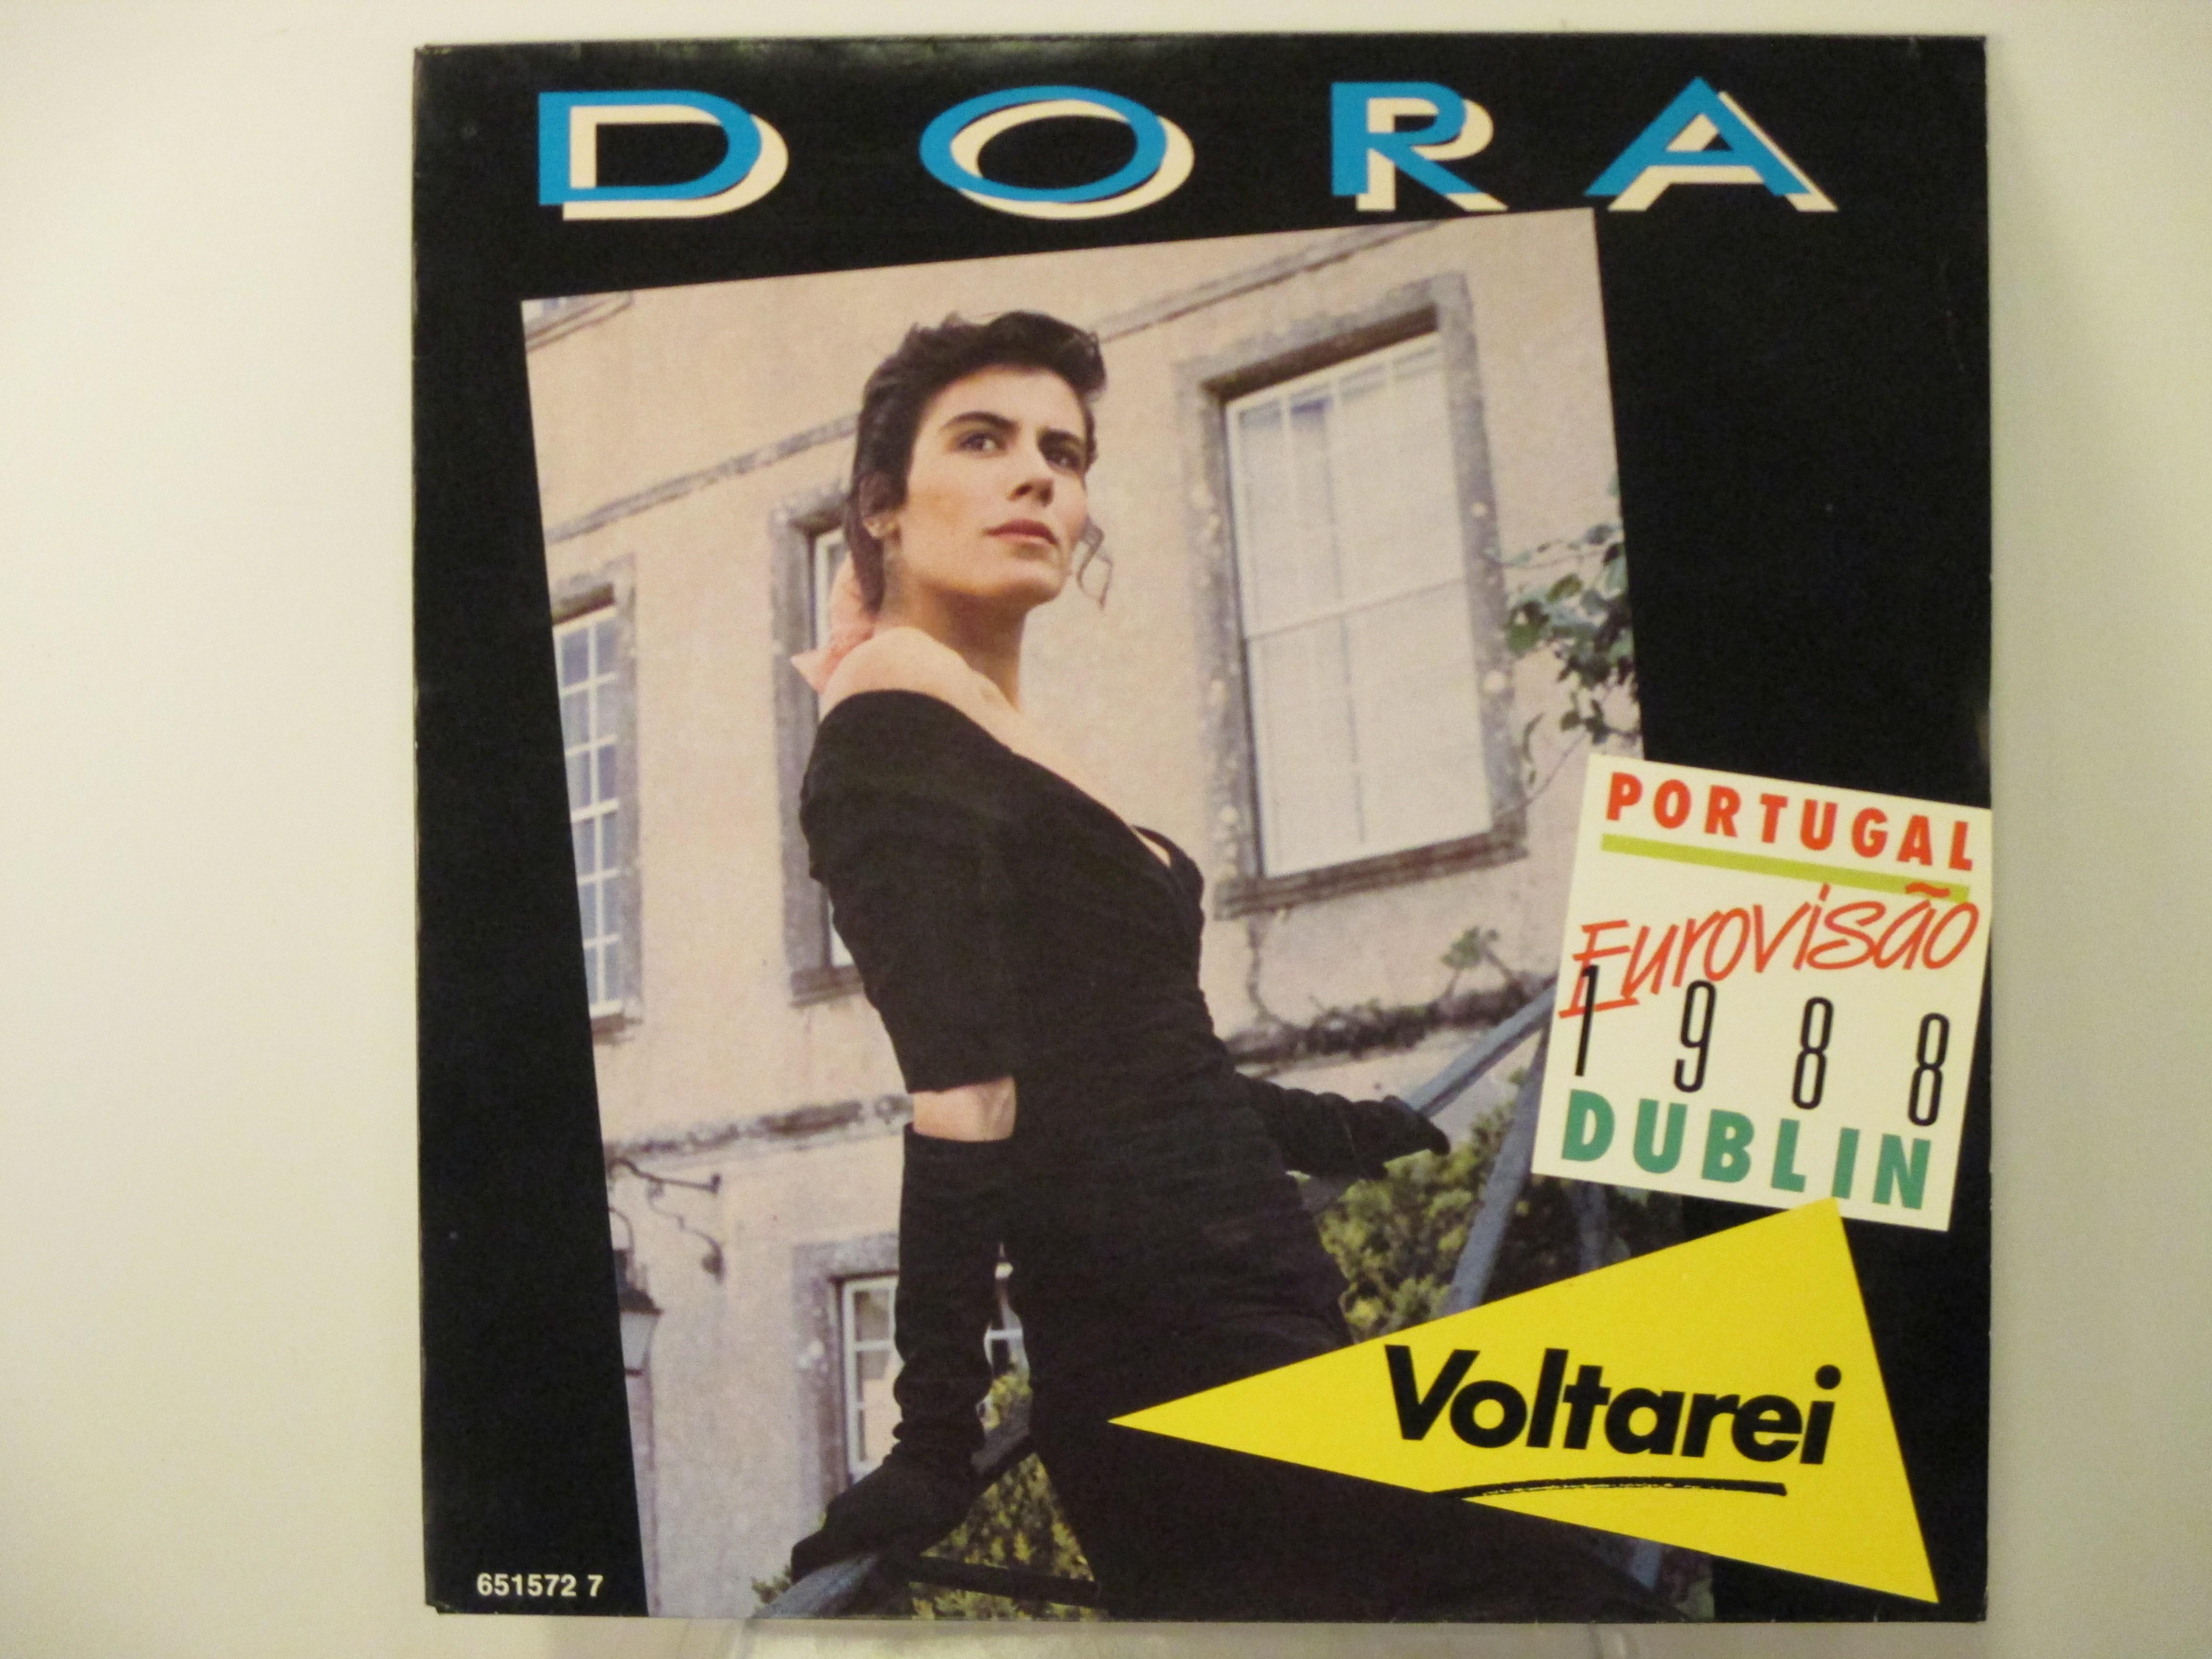 DORA : Voltarei / I'll come back